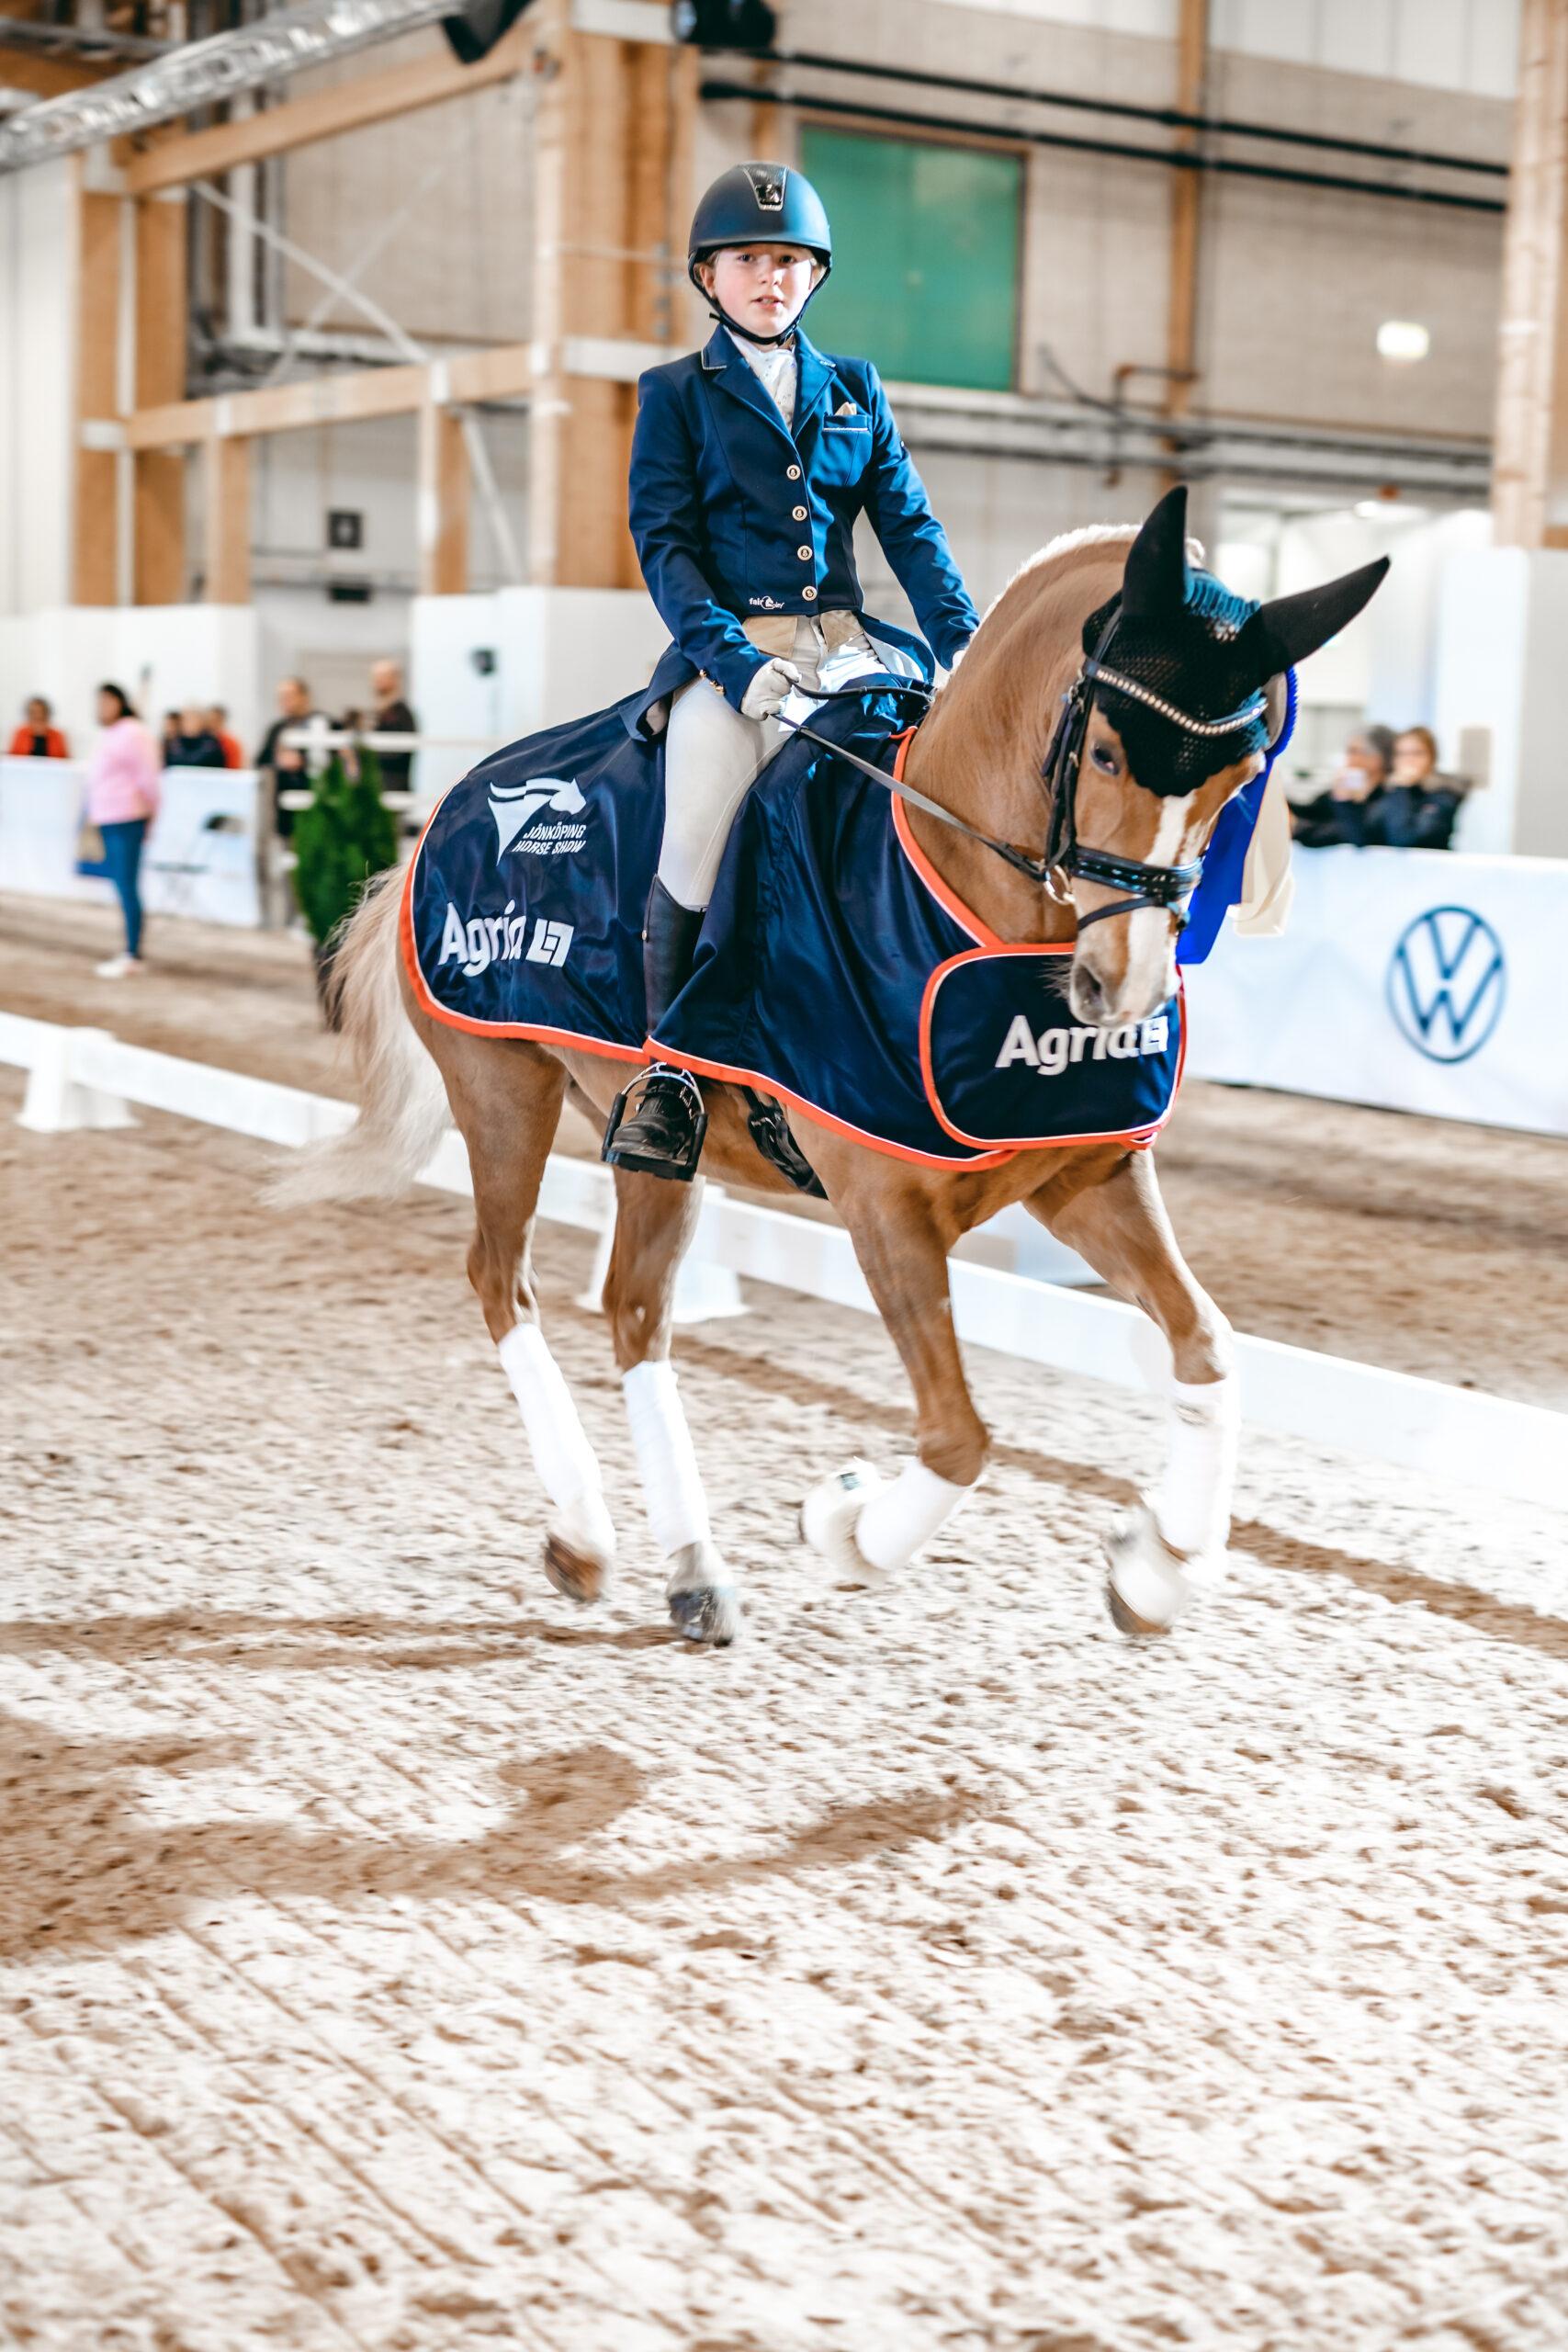 Anslutningsavgifter till årets Jönköping Horse Show